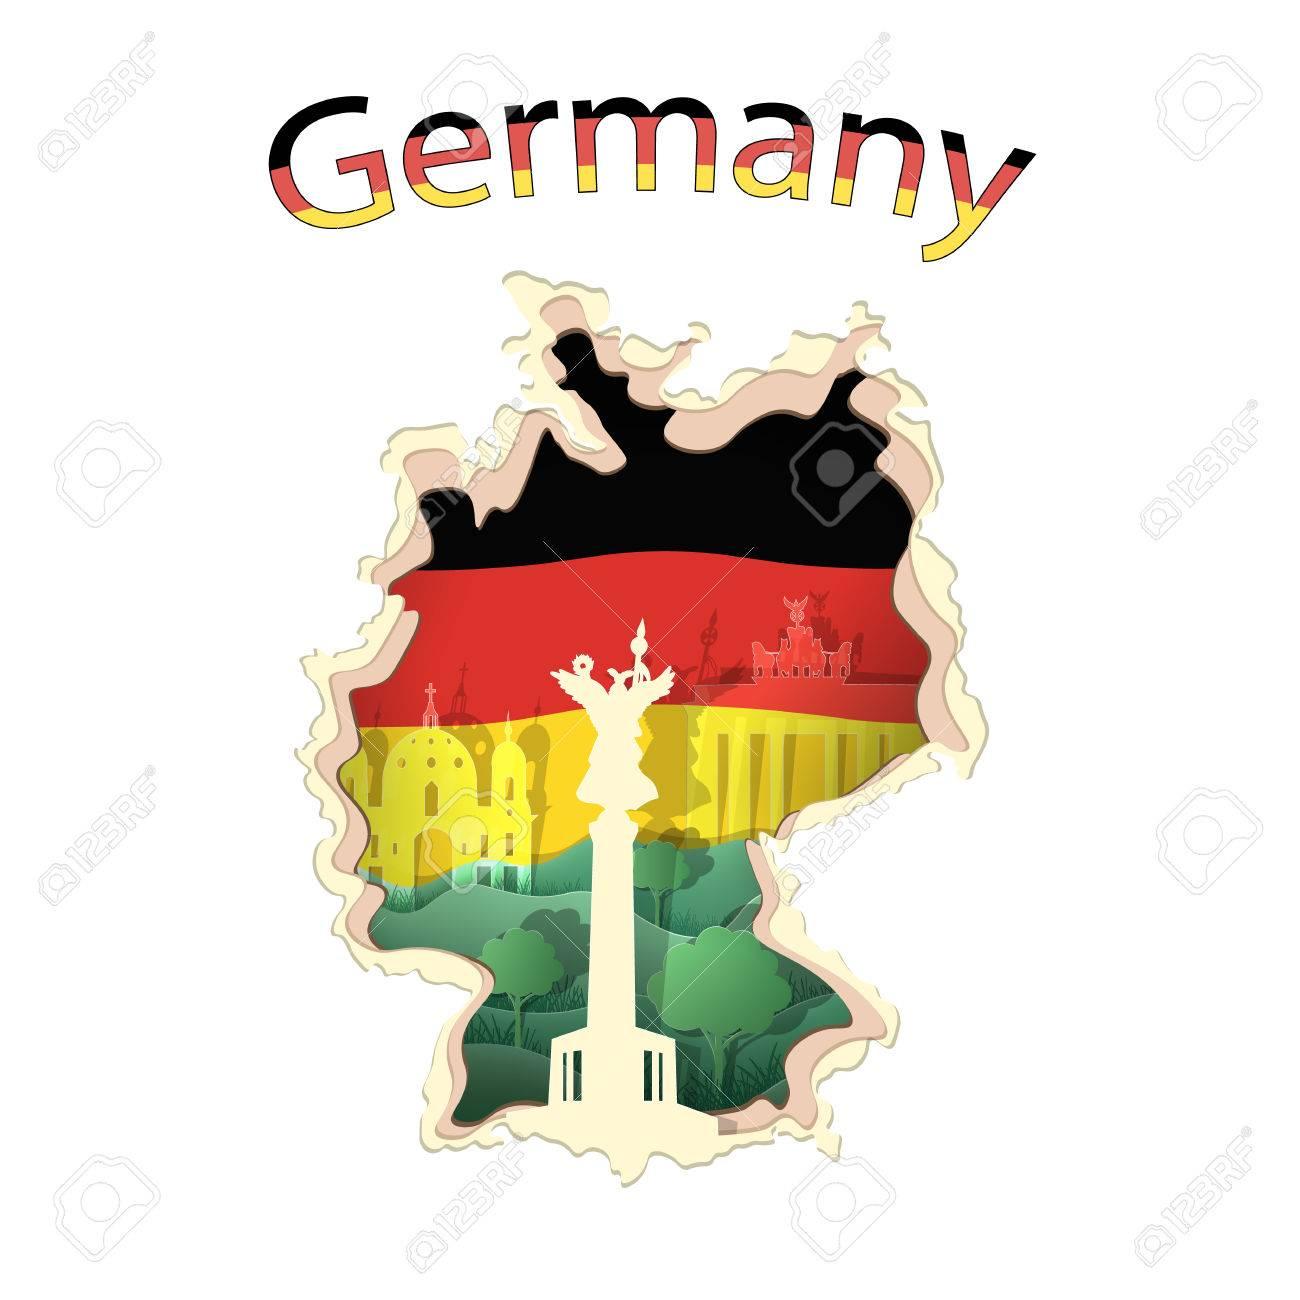 Deutschland Fahne Papier Berliner Dom Brandenburger Tor Siegessaule Illustration Lizenzfrei Nutzbare Vektorgrafiken Clip Arts Illustrationen Image 78843133